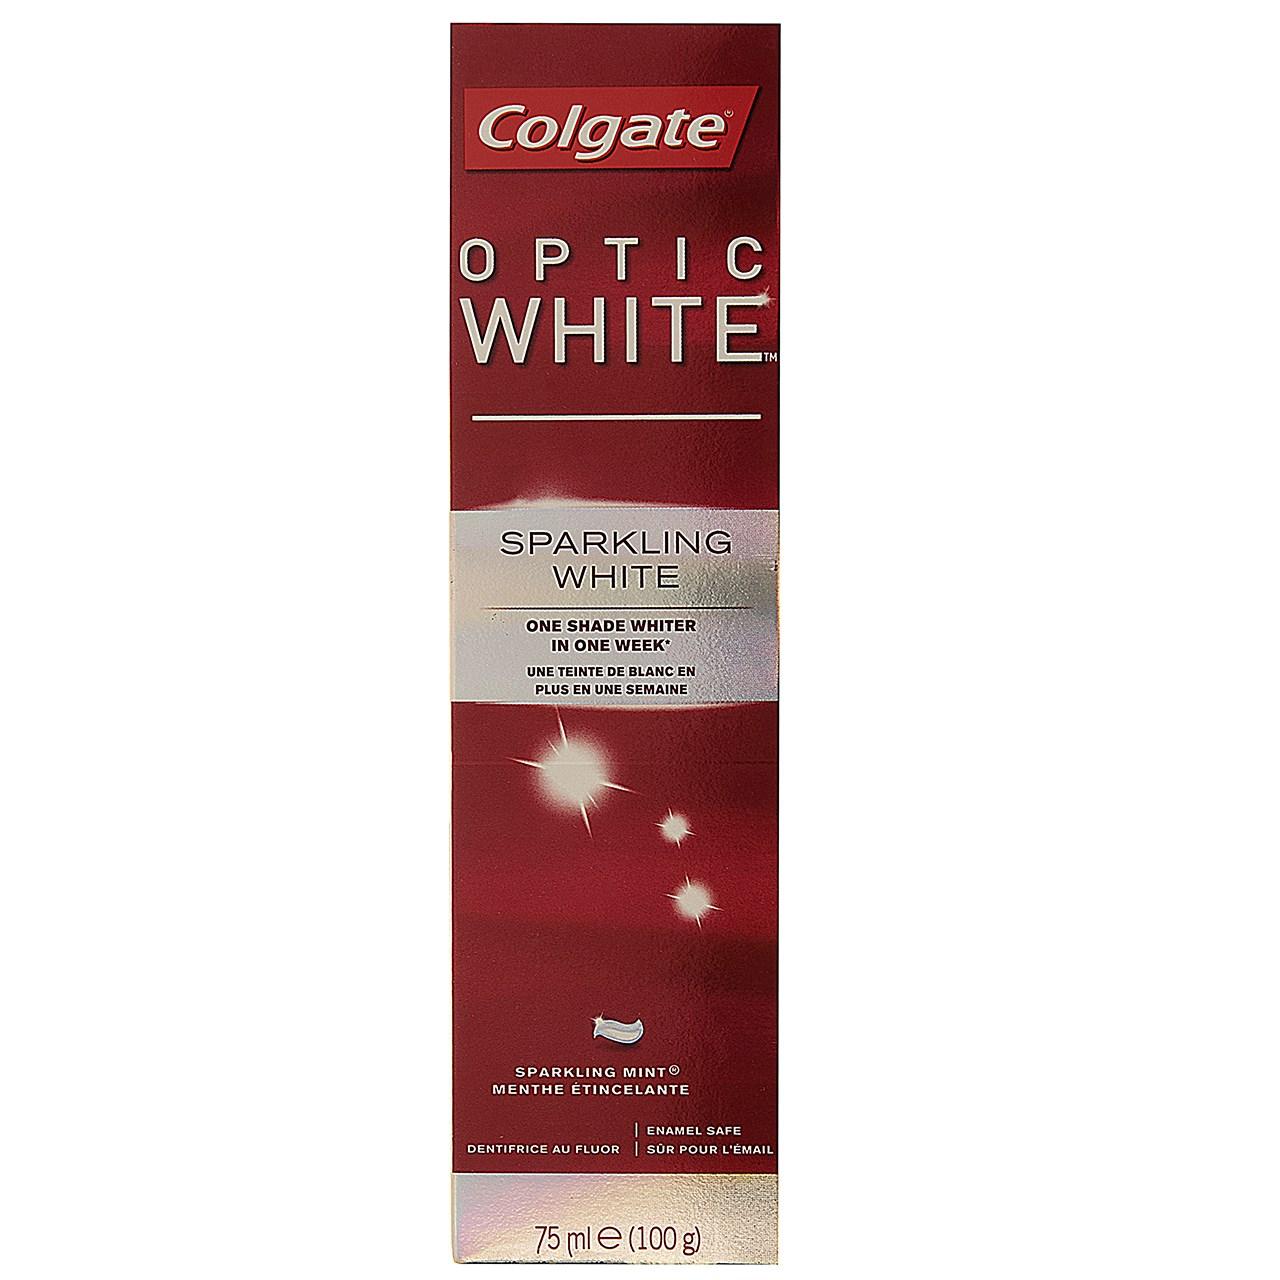 قیمت خمیر دندان کلگیت مدل Optic White حجم 75 میلی لیتر